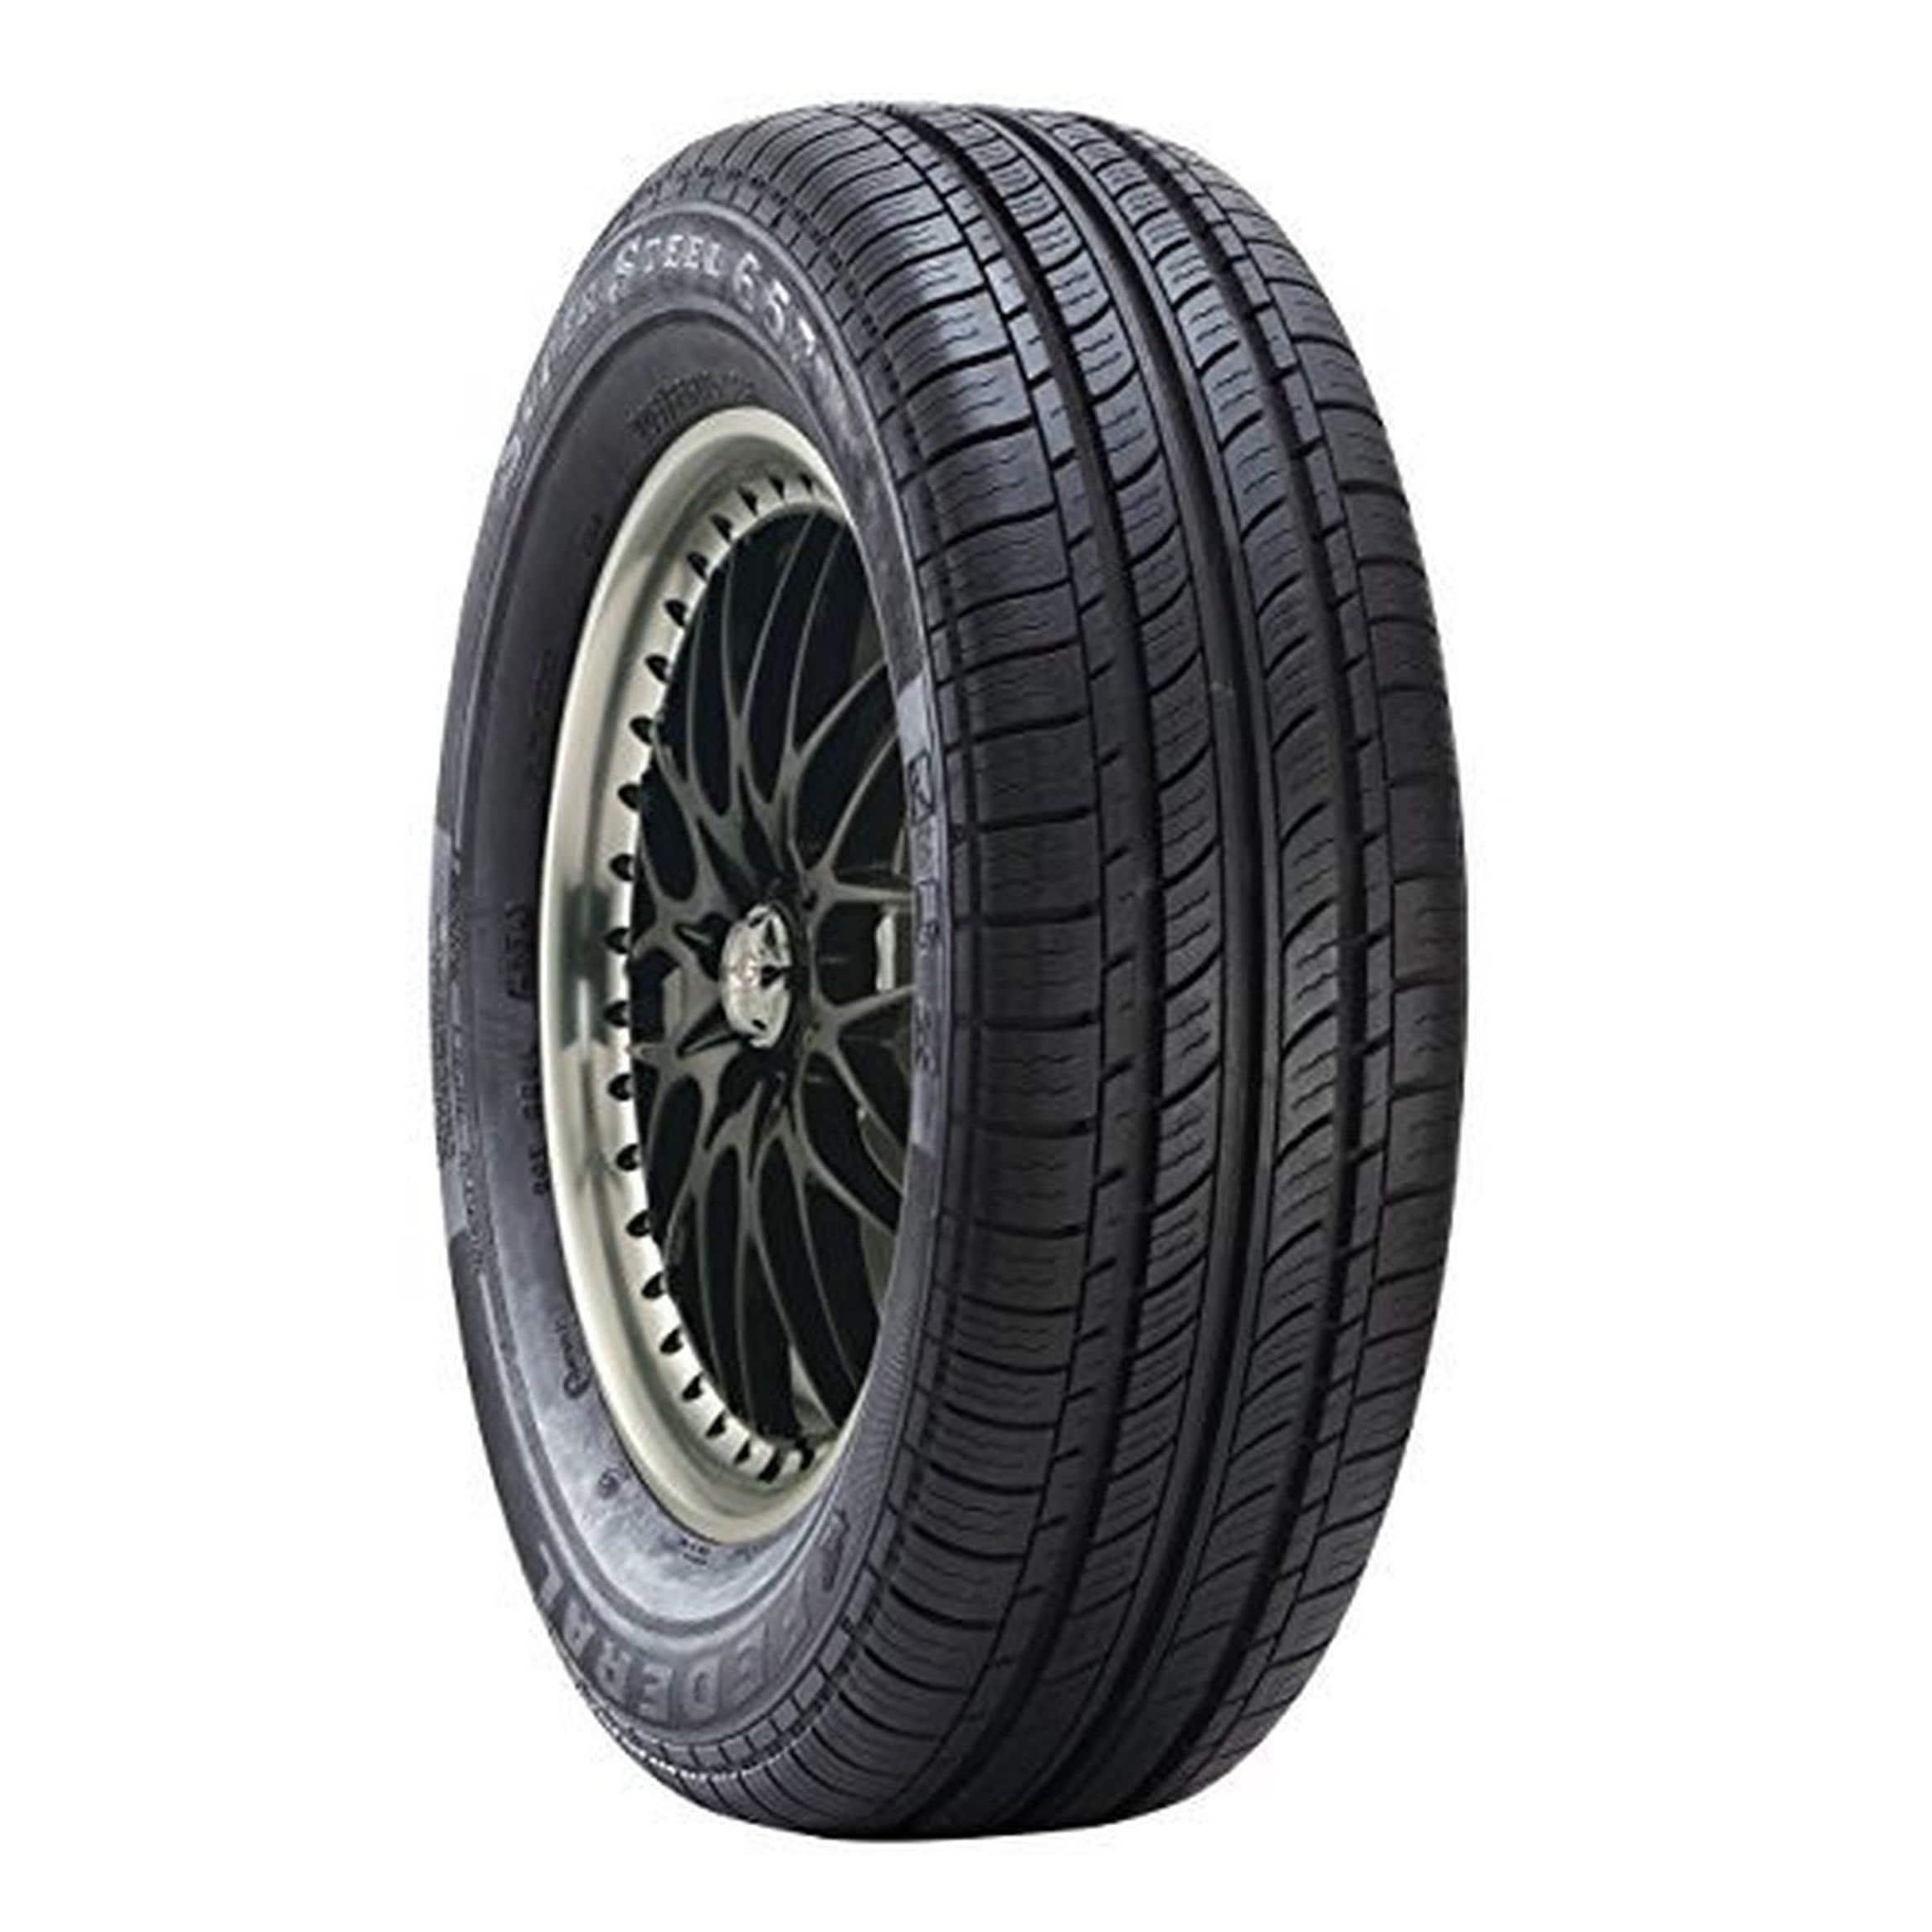 Federal  Premium SS657 All Season Tire - 155/80R12 77T (B...